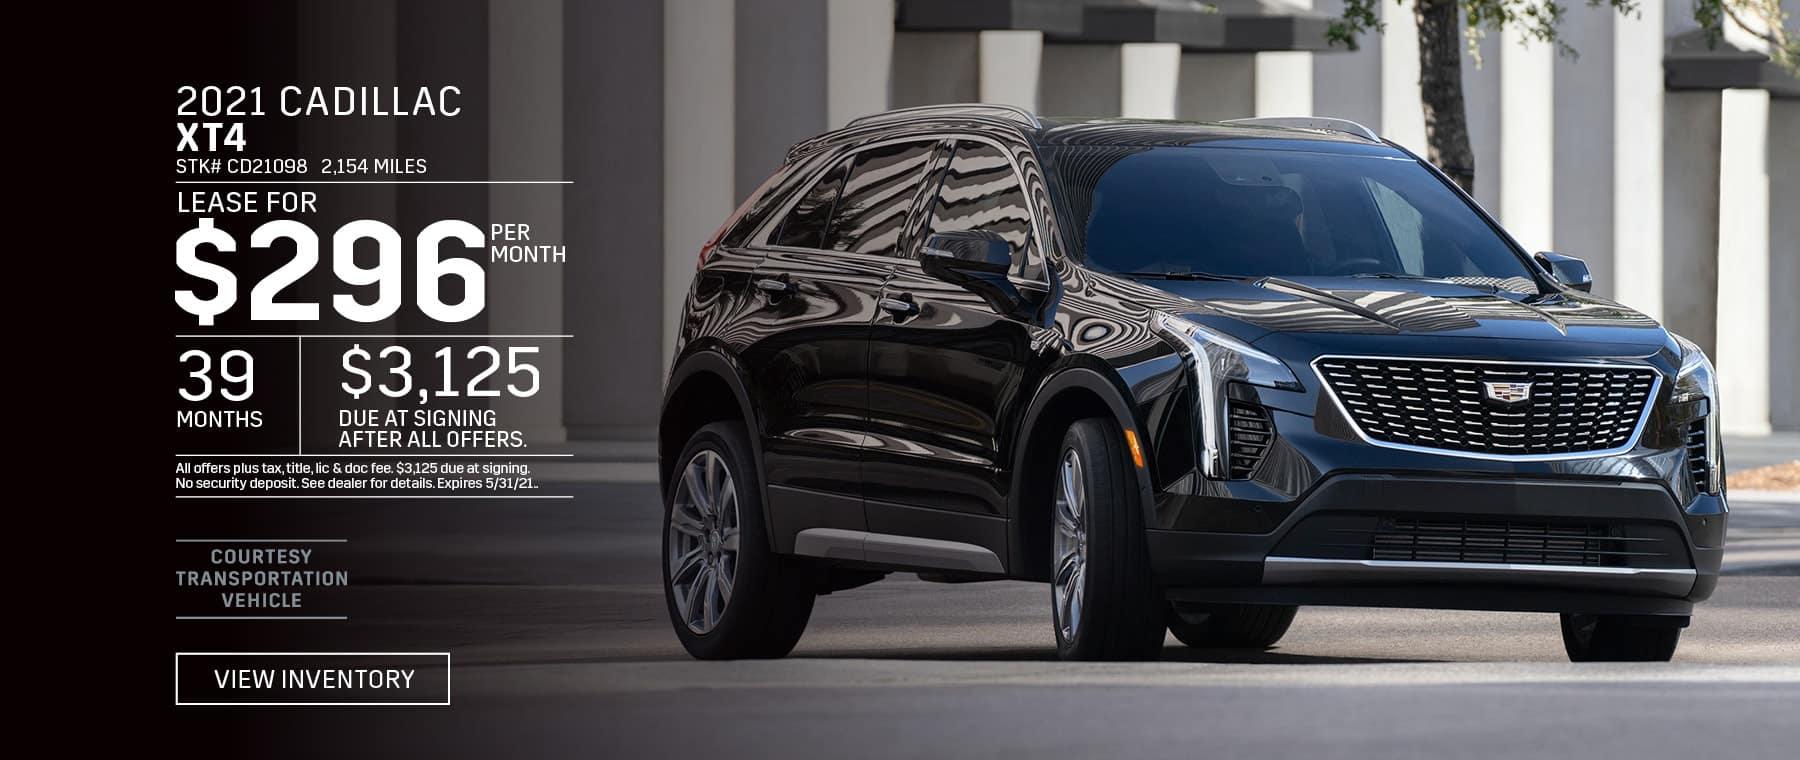 2021 Cadillac XT4 Lease